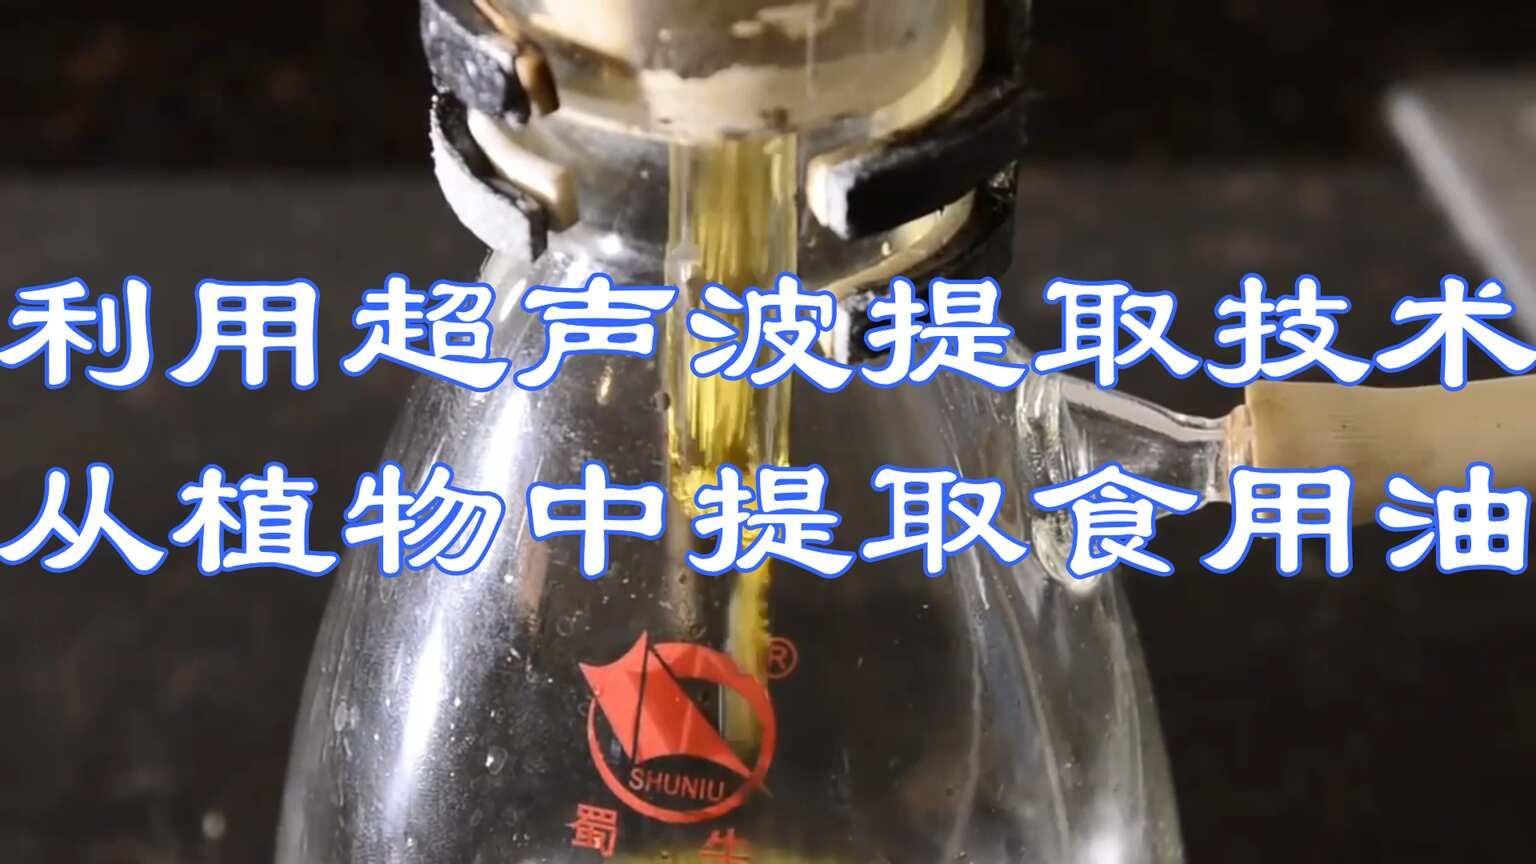 利用超声波提取技术,能从植物中提取食用油